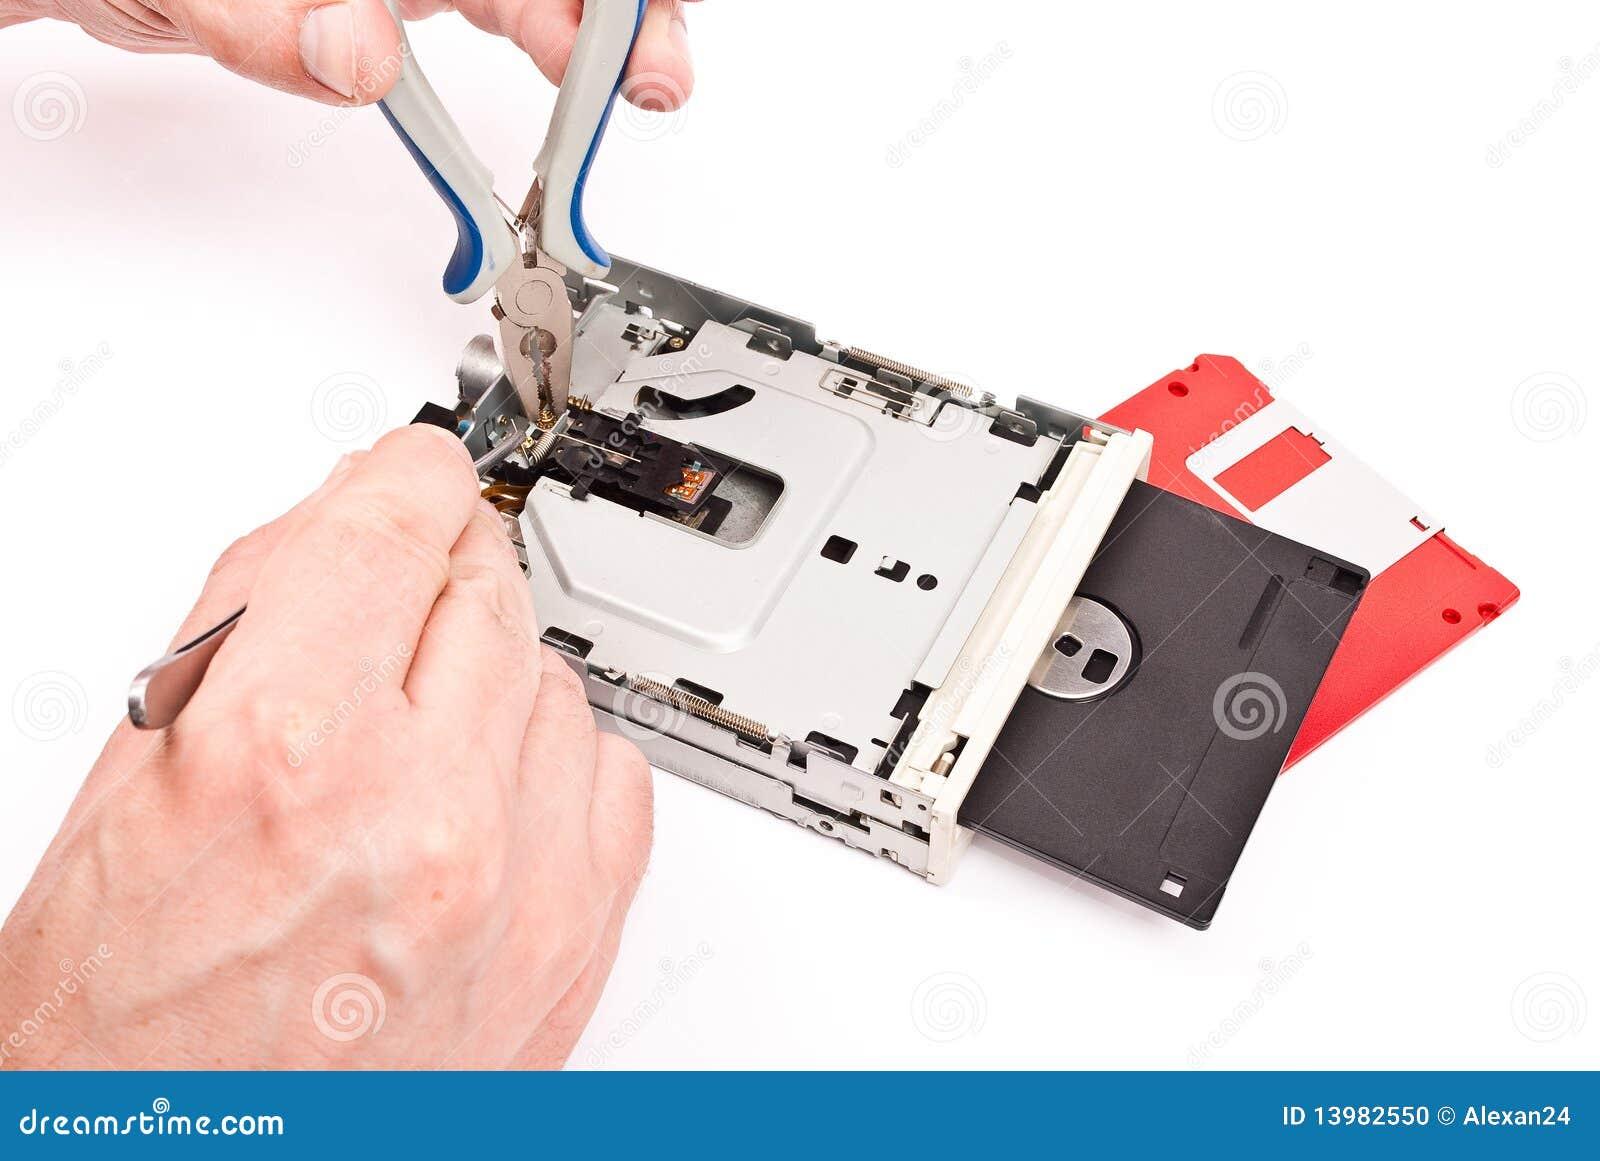 Reparación del mecanismo impulsor del disco blando